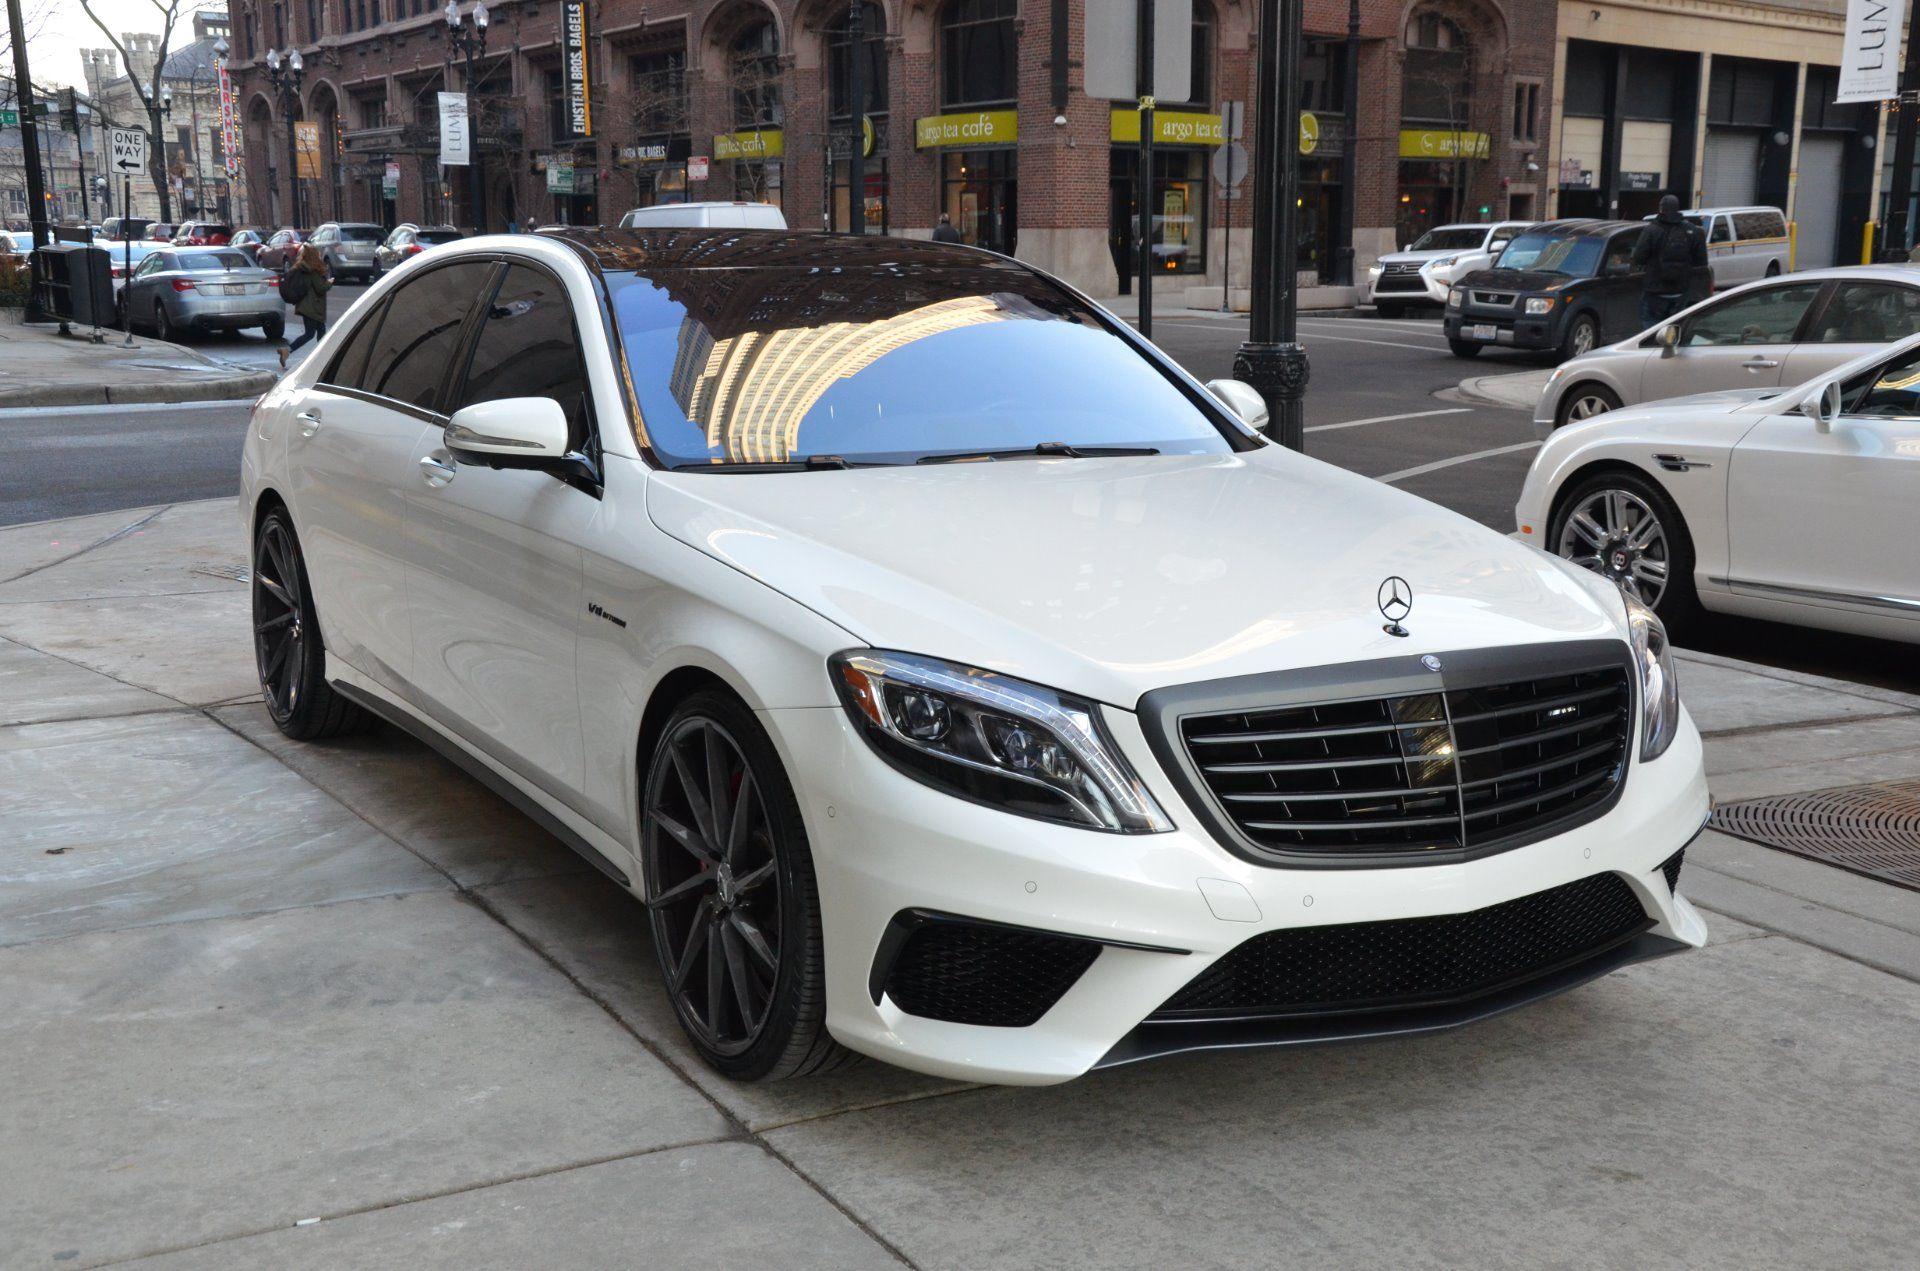 2015 MercedesBenz SClass Benz s class, Mercedes benz, Benz